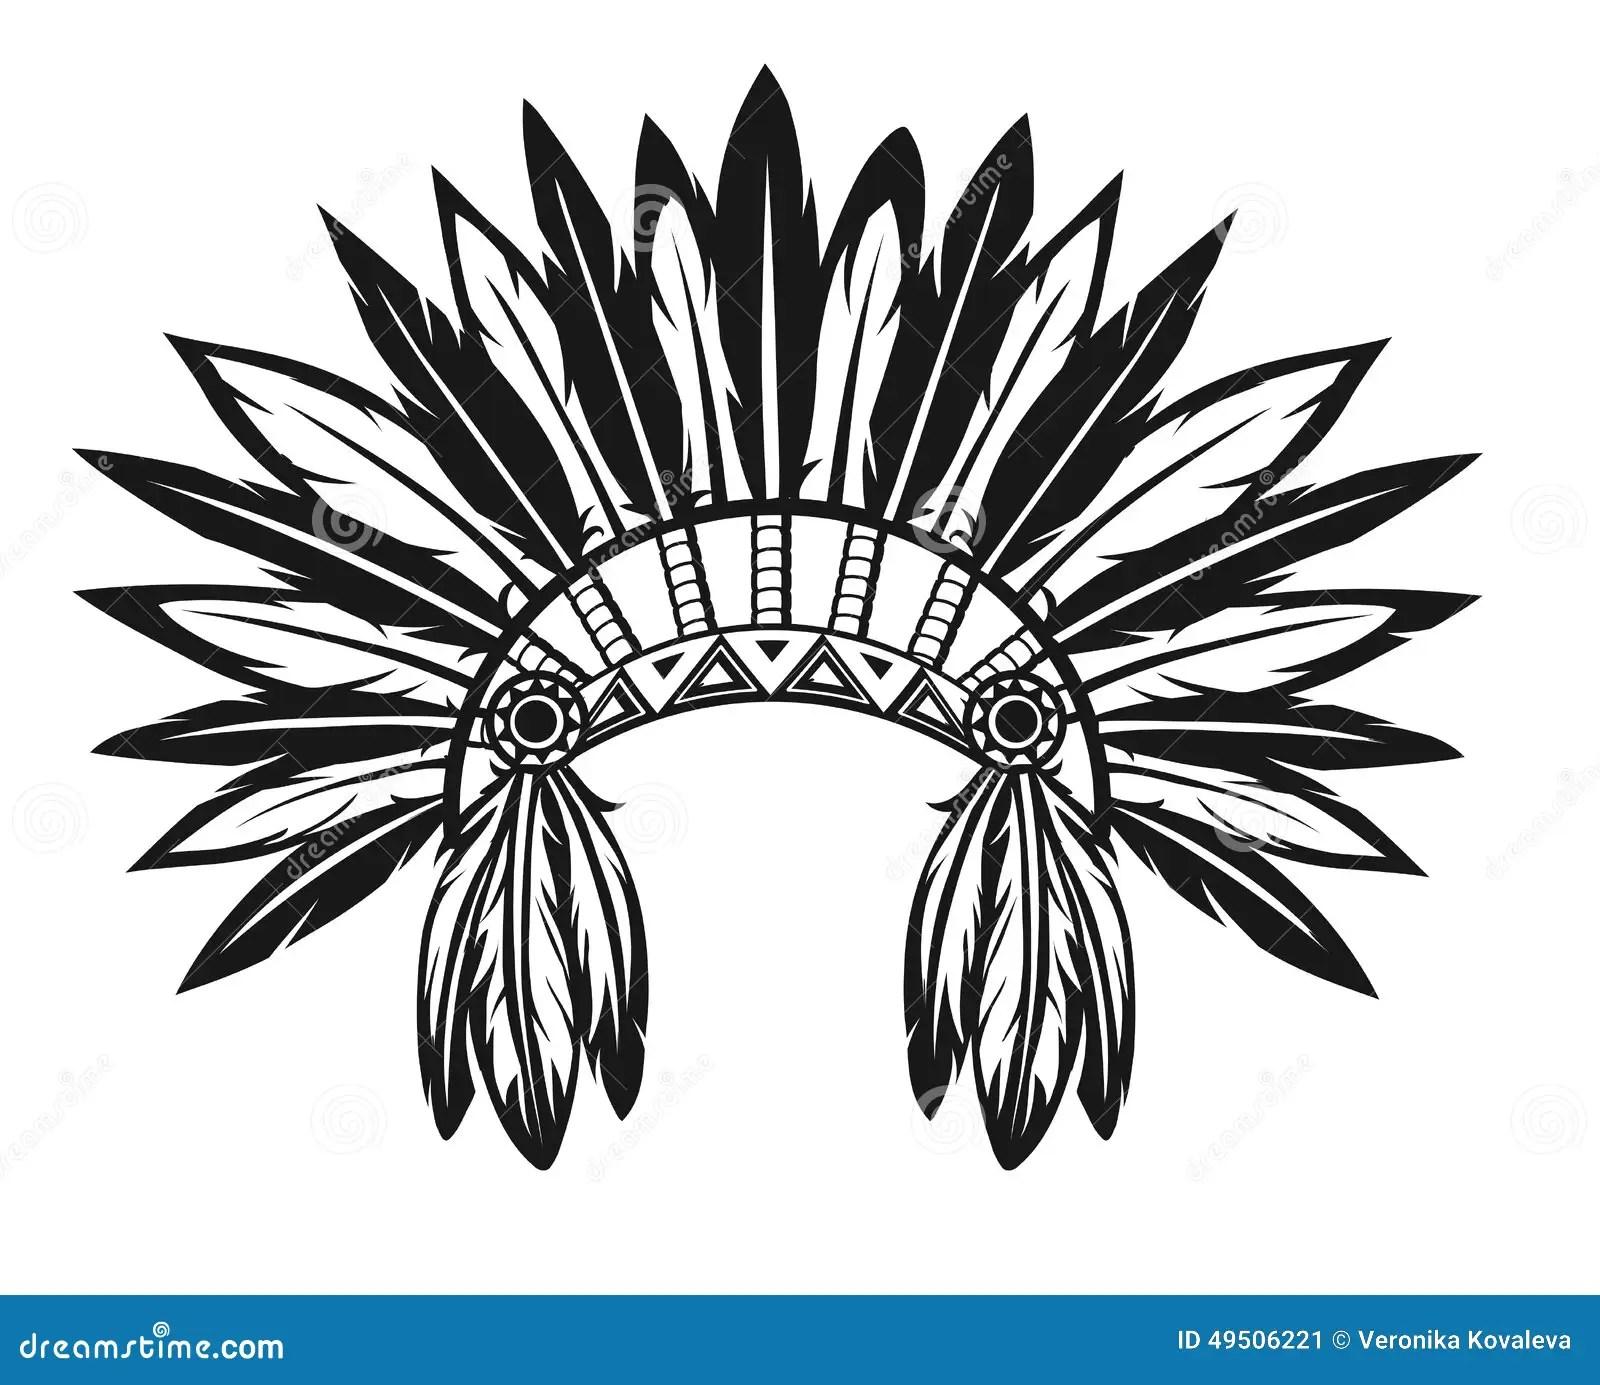 Indisk Huvudbonad Vektor Illustrationer Illustration Av